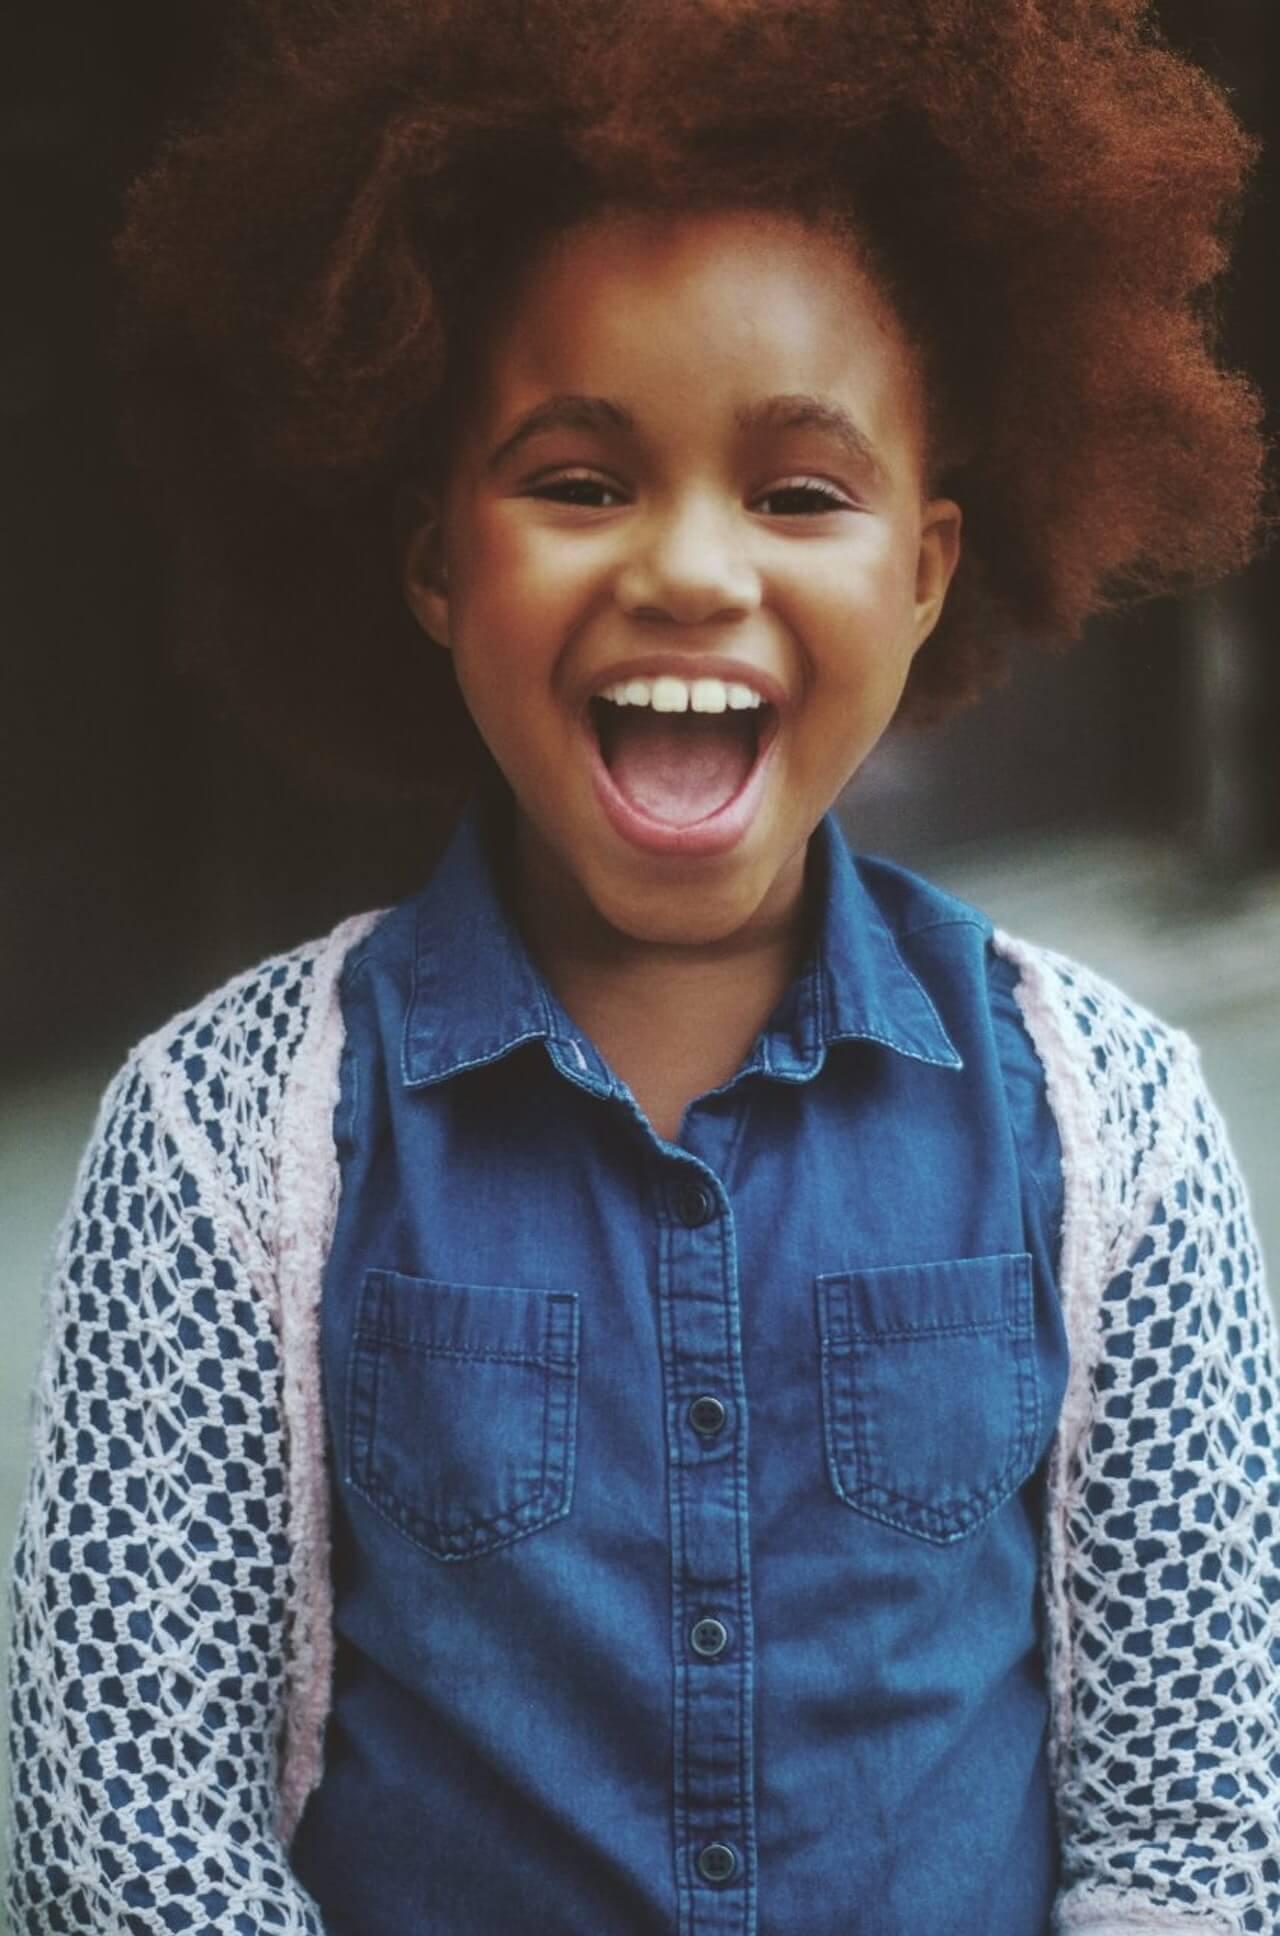 Tratamiento de ortodoncia para niños